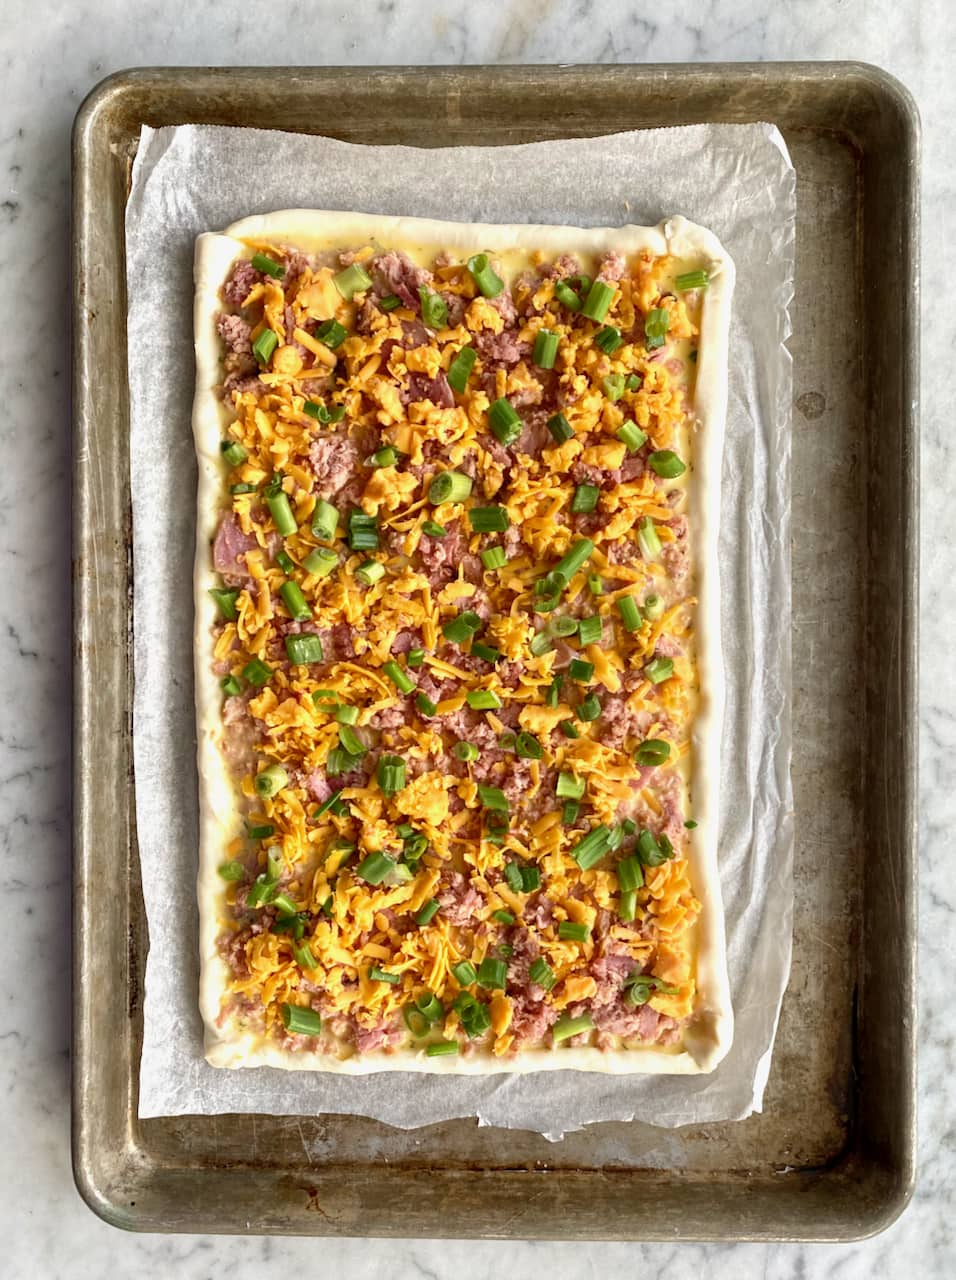 ham & egg brunch bake ready to go in oven